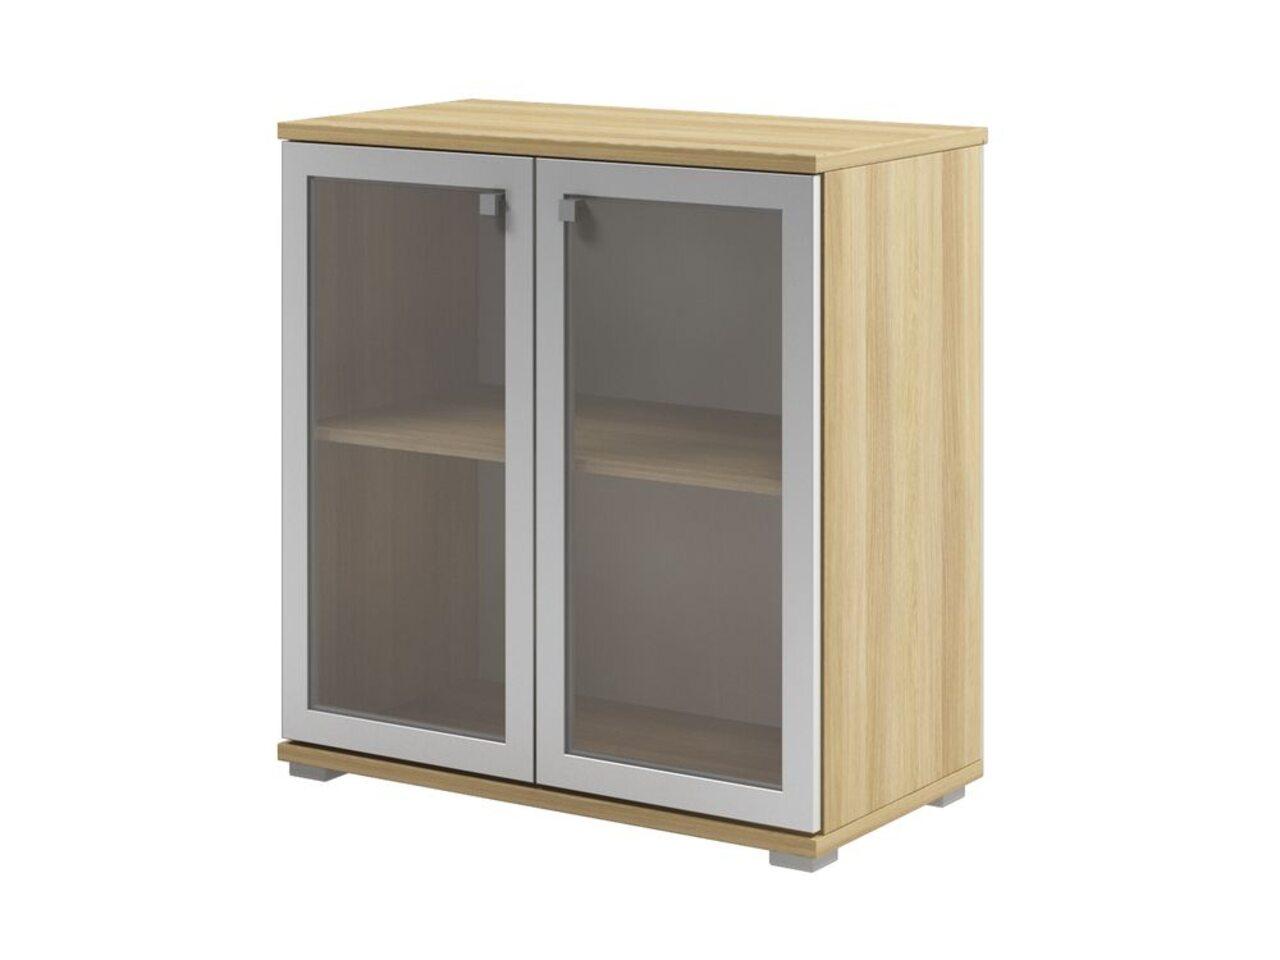 Шкаф с матовым белым стеклом  Space 80x43x84 - фото 3